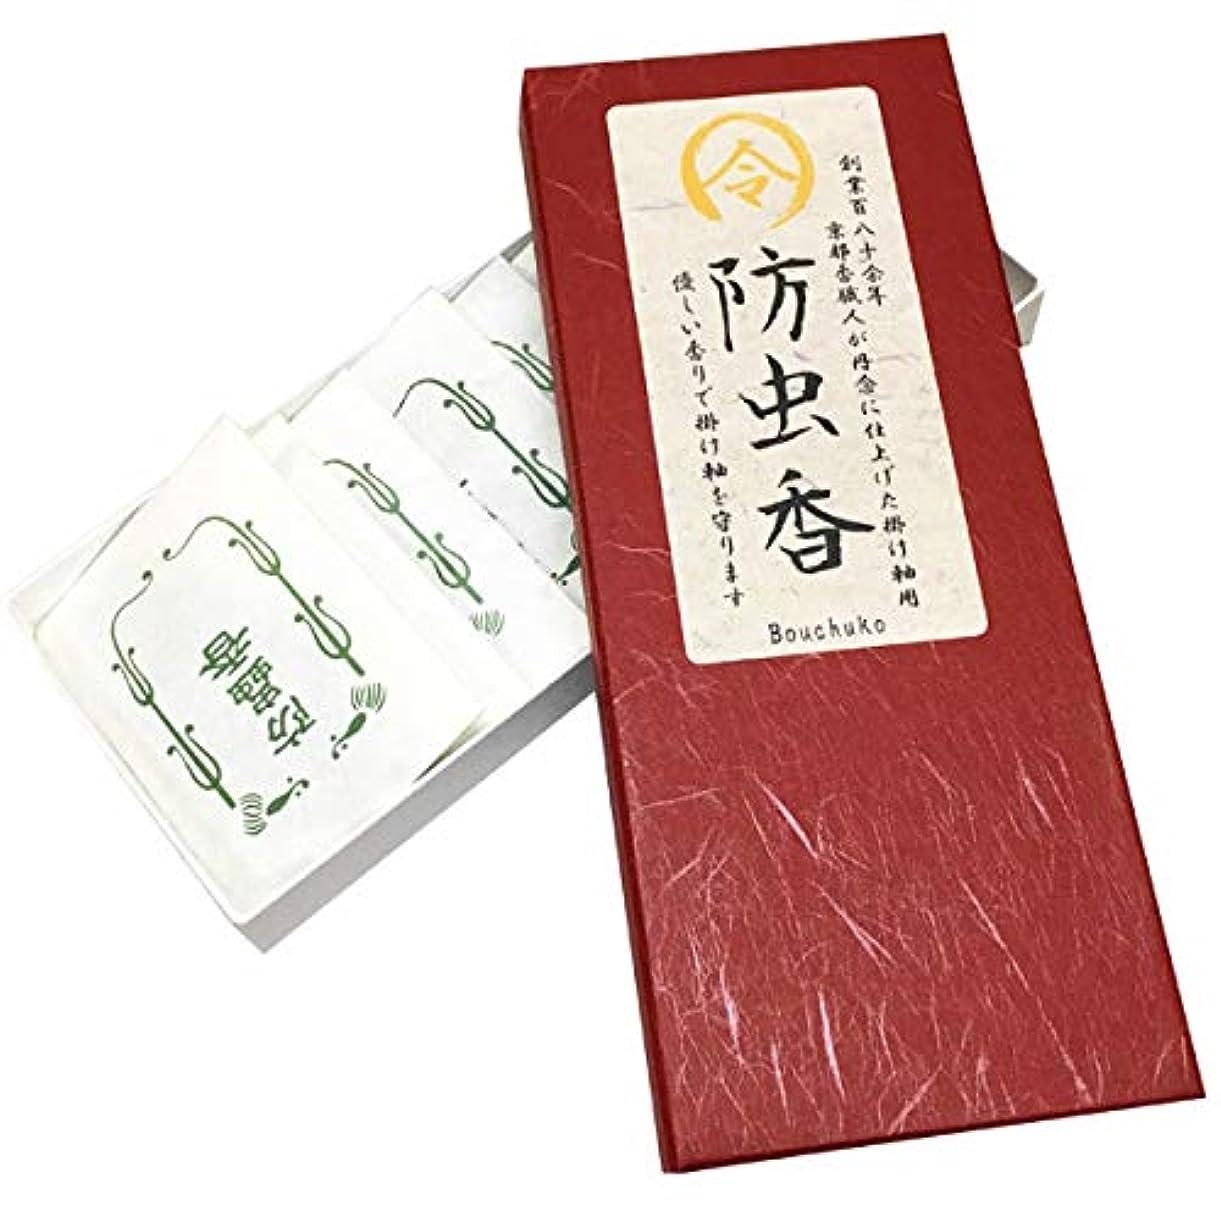 合唱団委員長プレゼンテーション掛け軸用 表具用 高級香 令和印の掛軸防虫香(白檀香) 1箱10袋入り